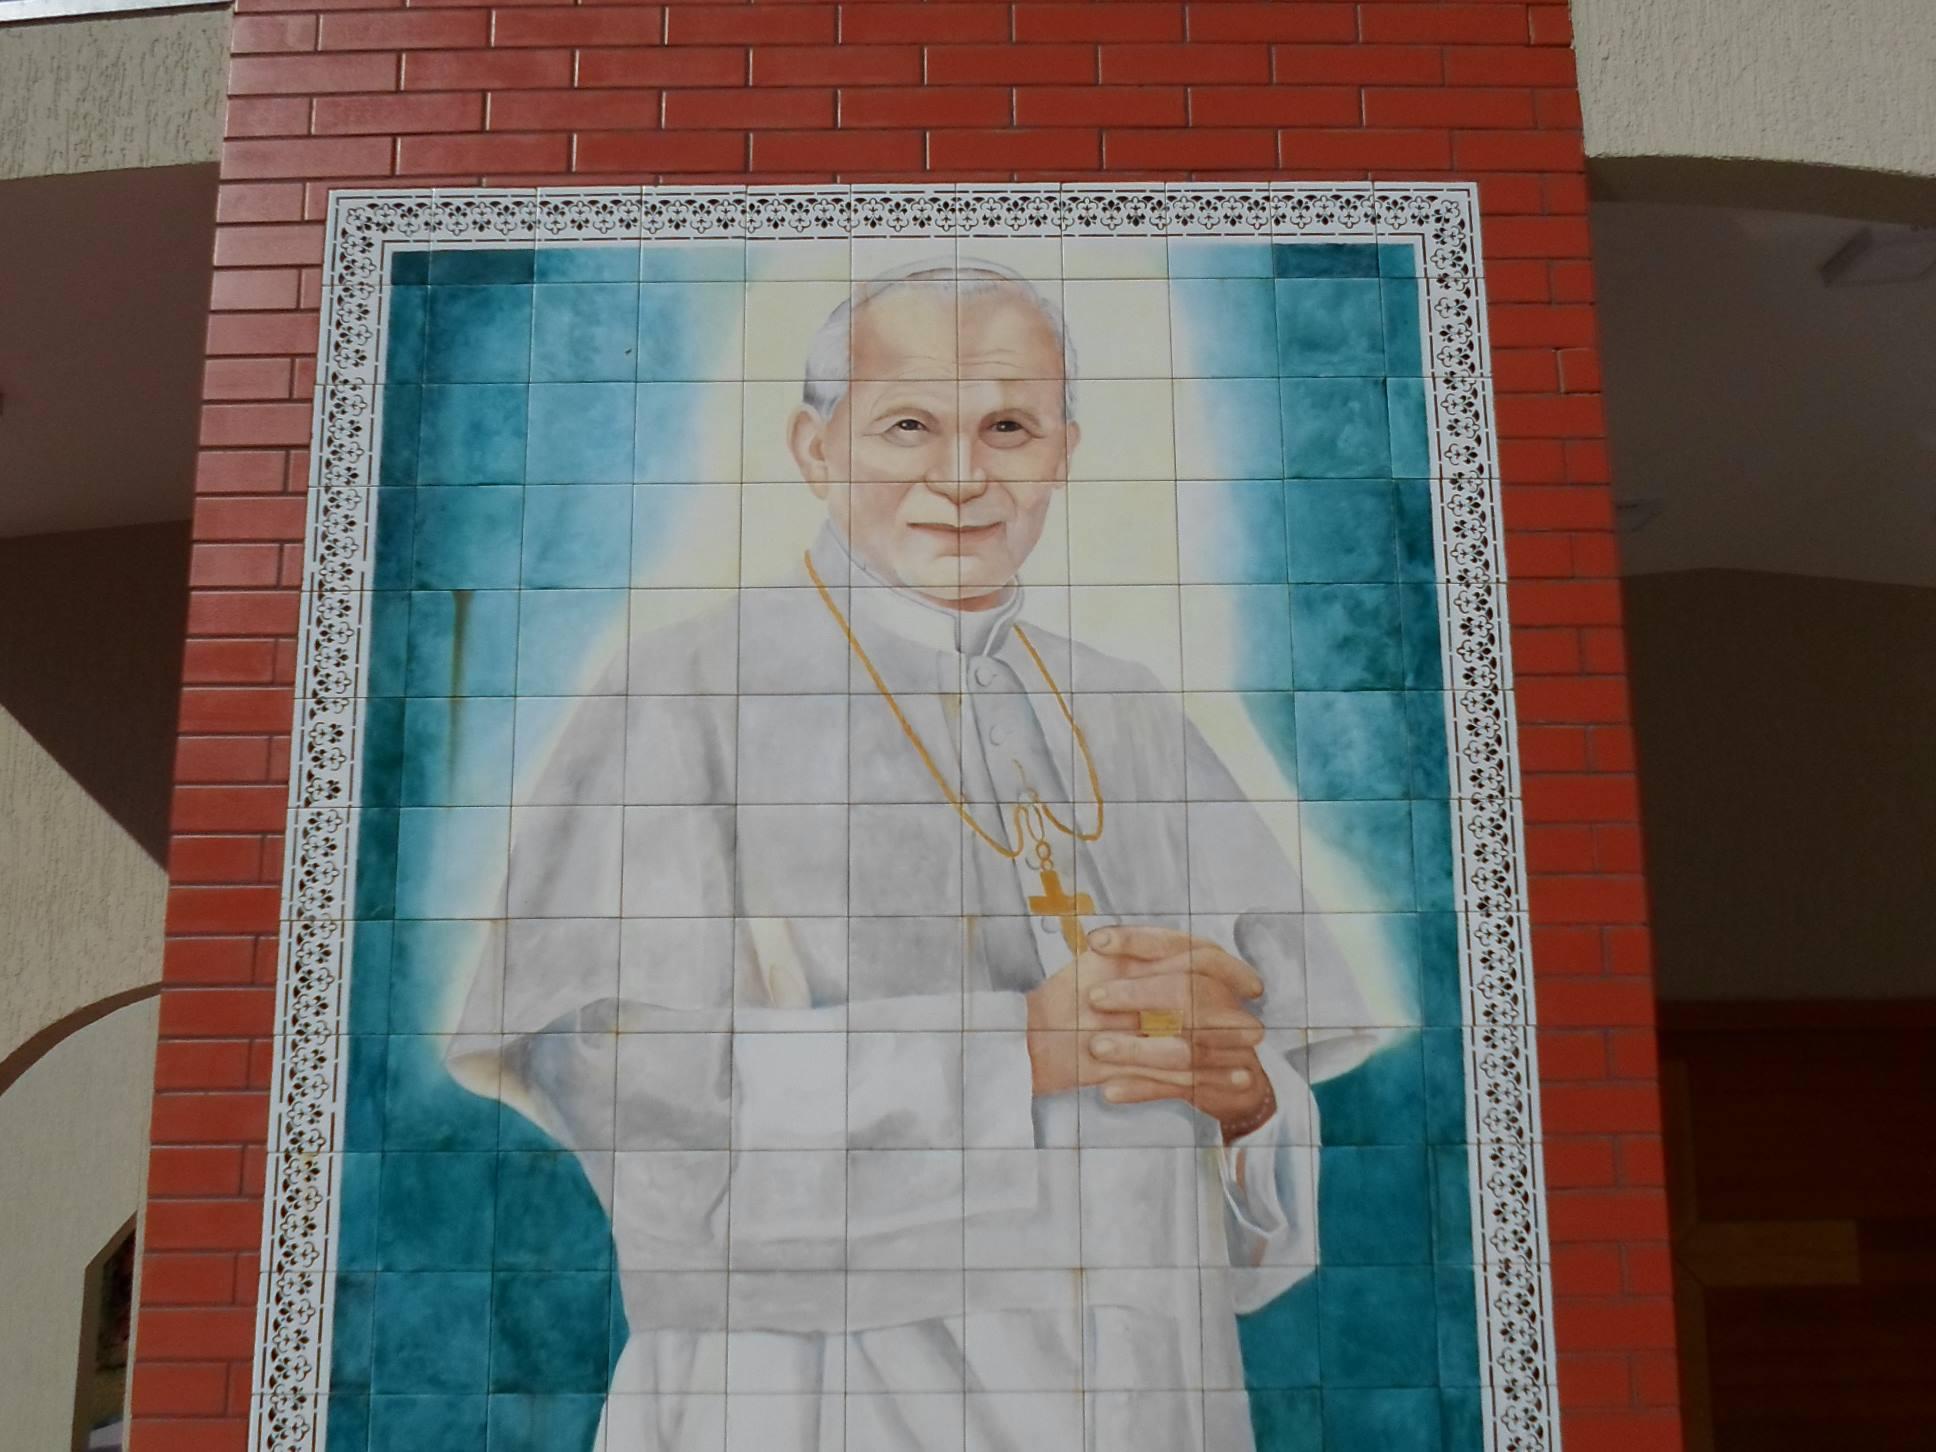 painel azulejos joao paulo II